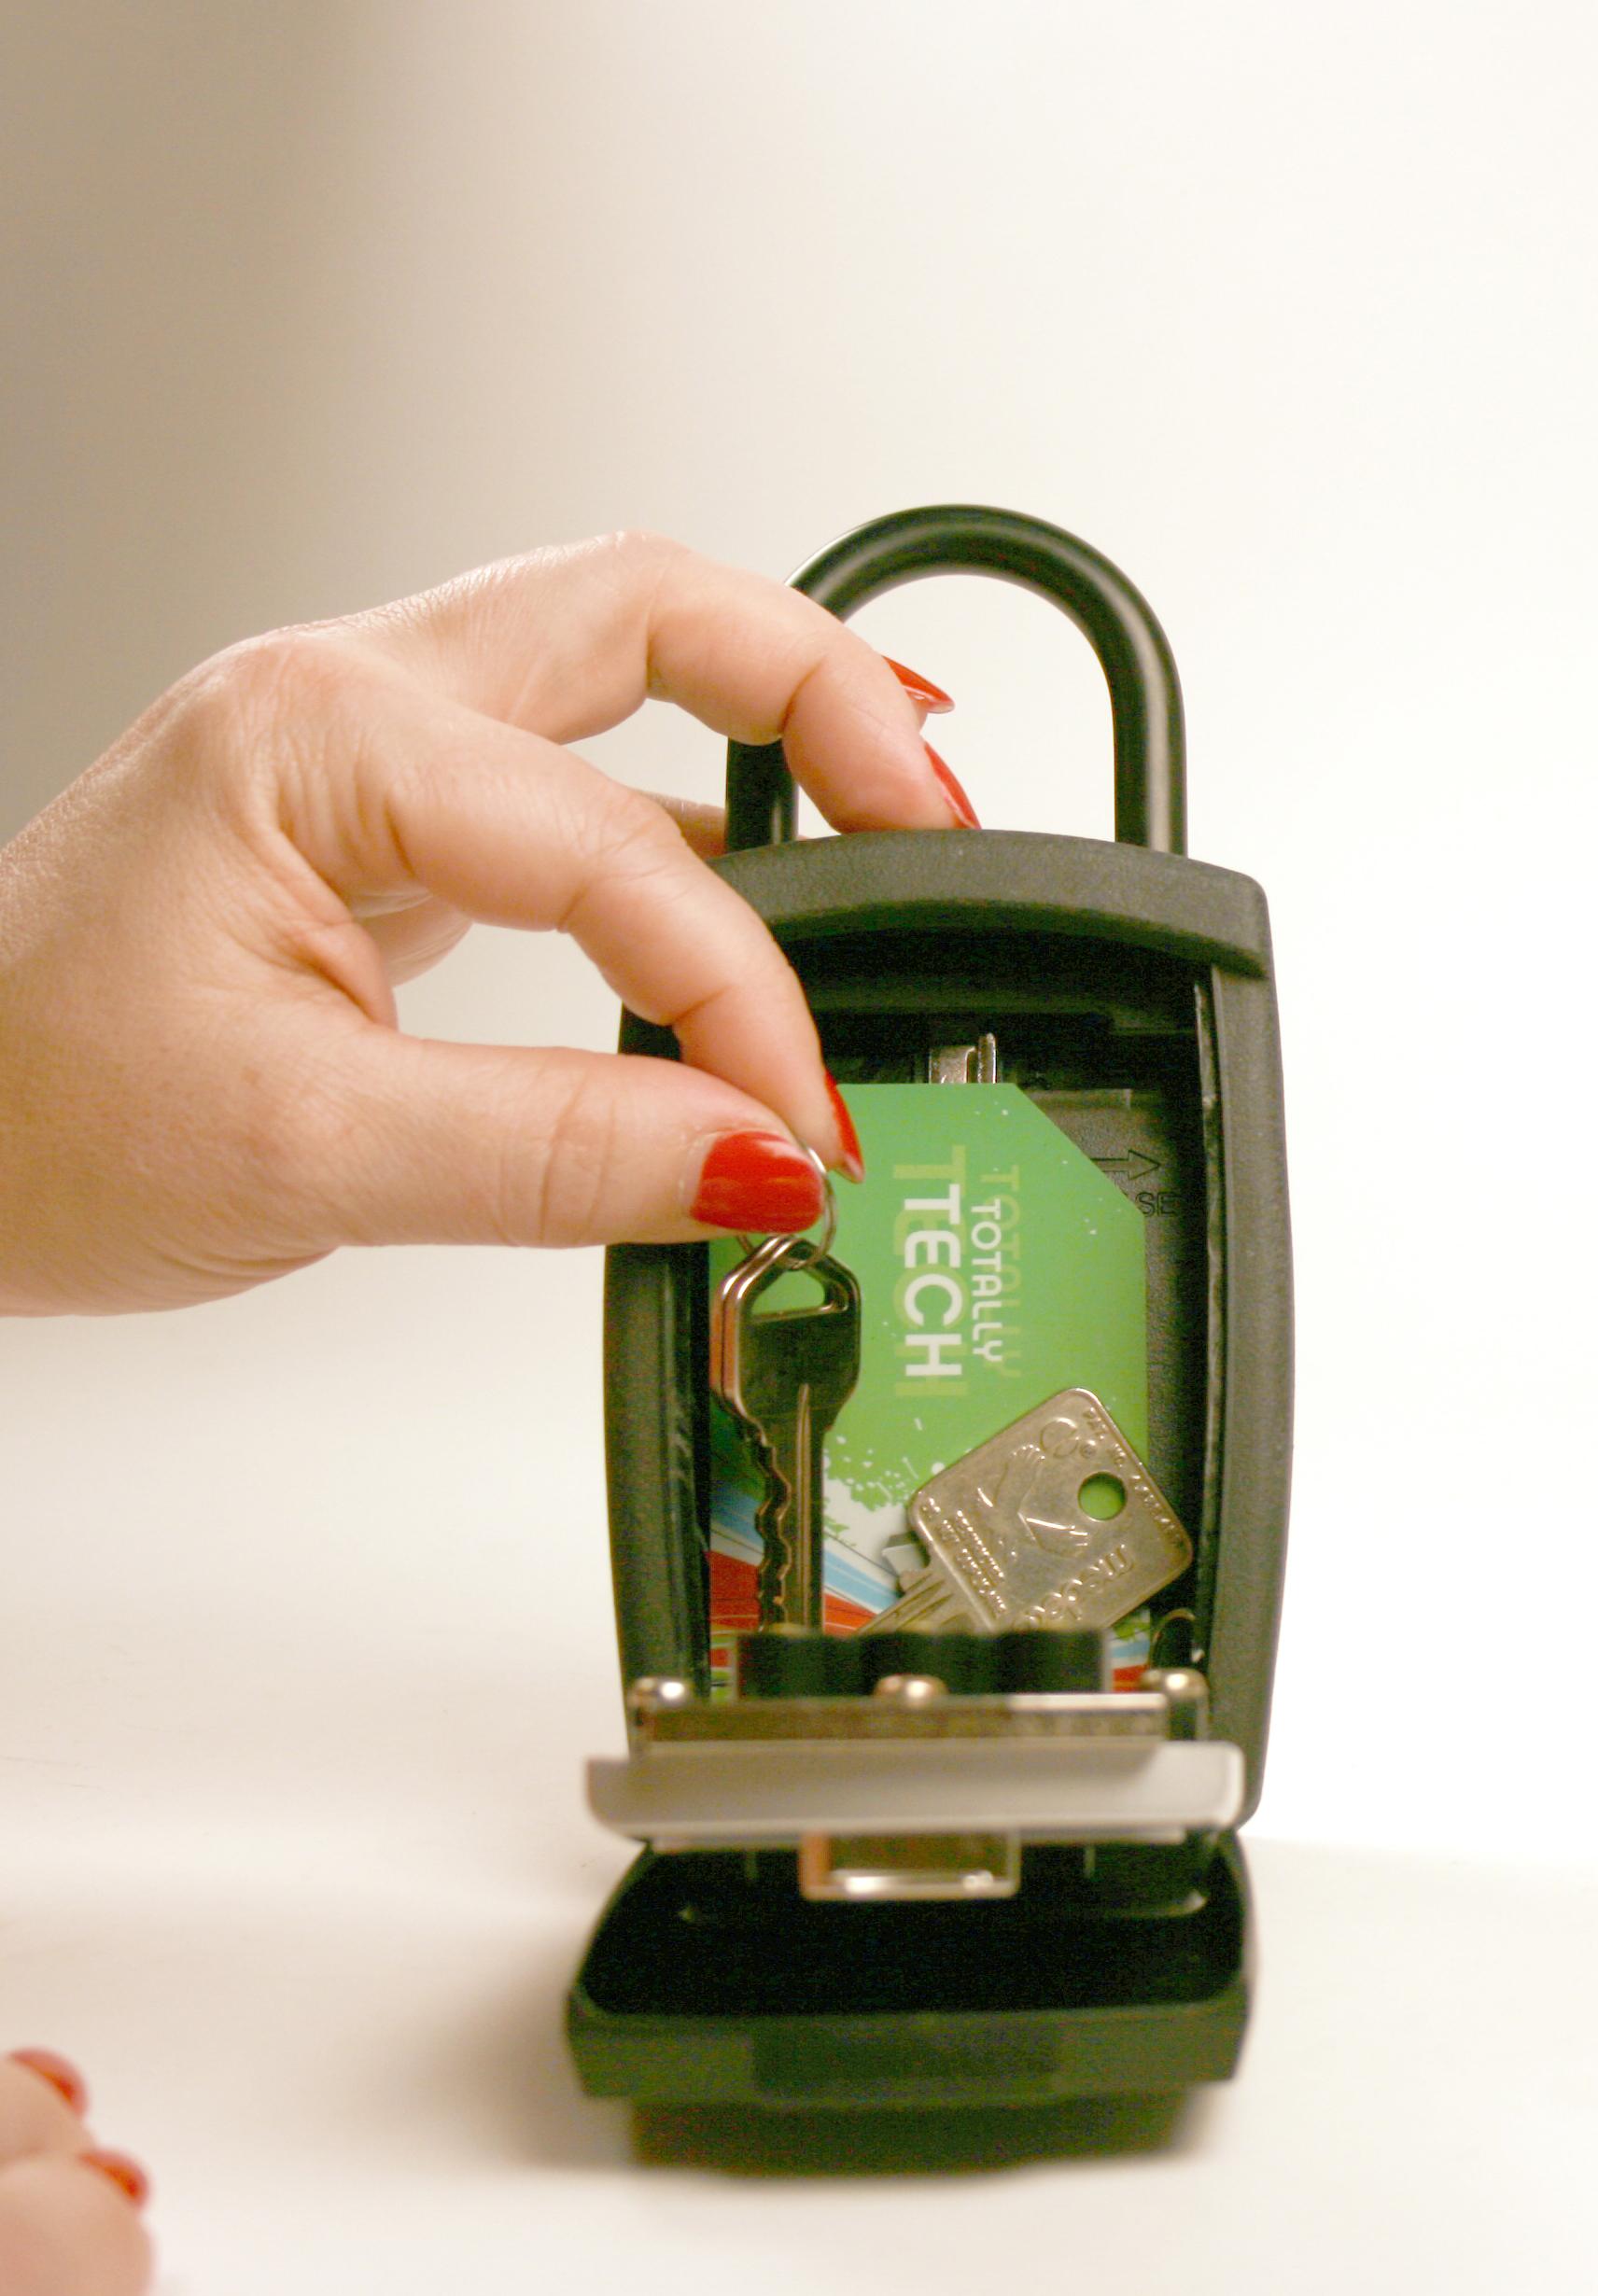 Key Storage Keys Storage Key Storalock Box Key